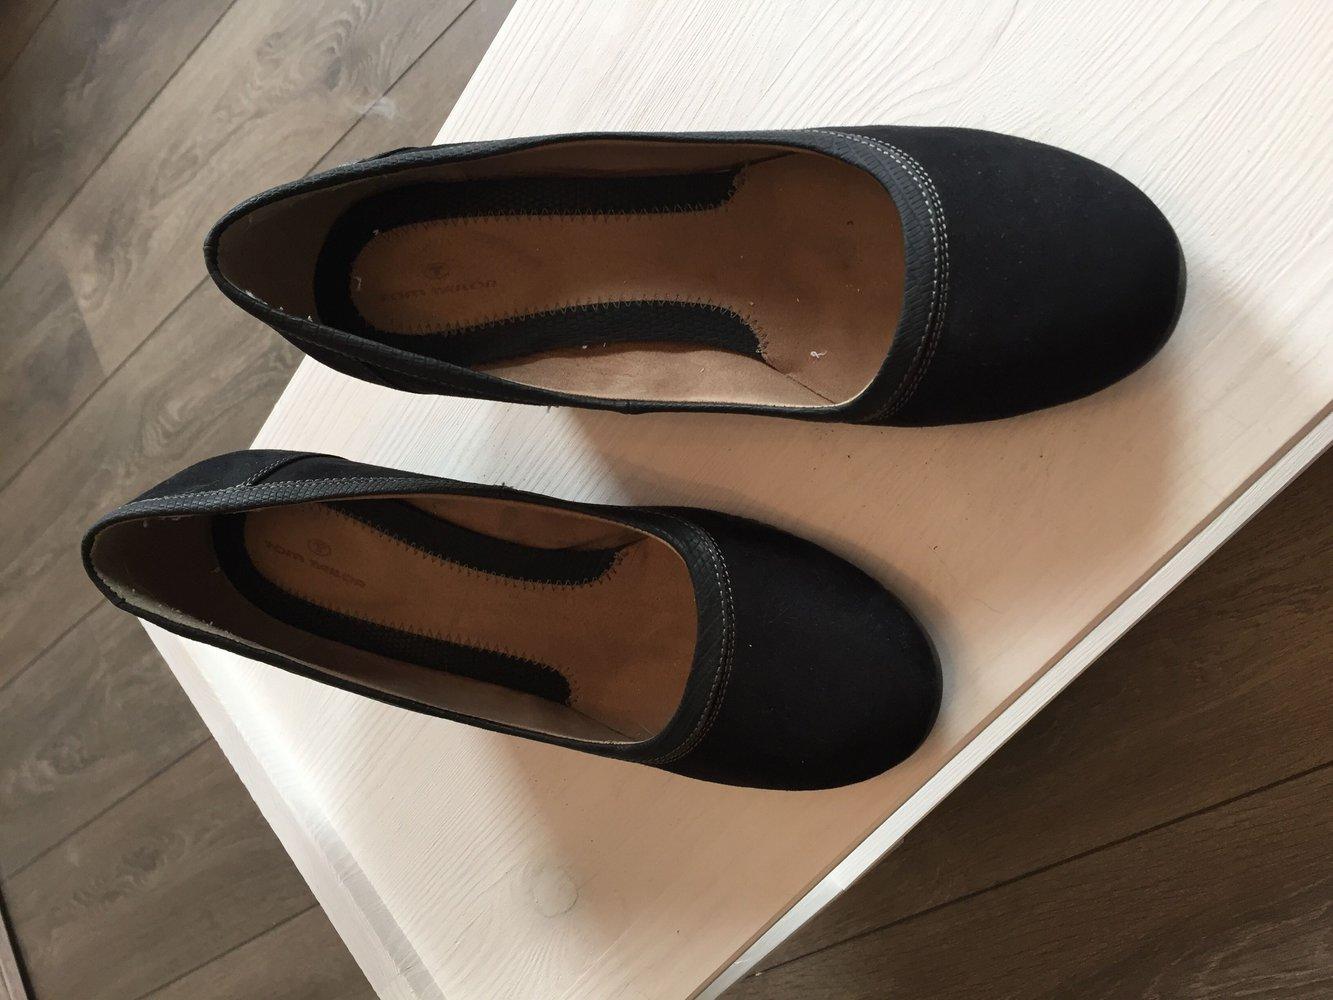 tom tailor pumps mit keilabsatz. Black Bedroom Furniture Sets. Home Design Ideas